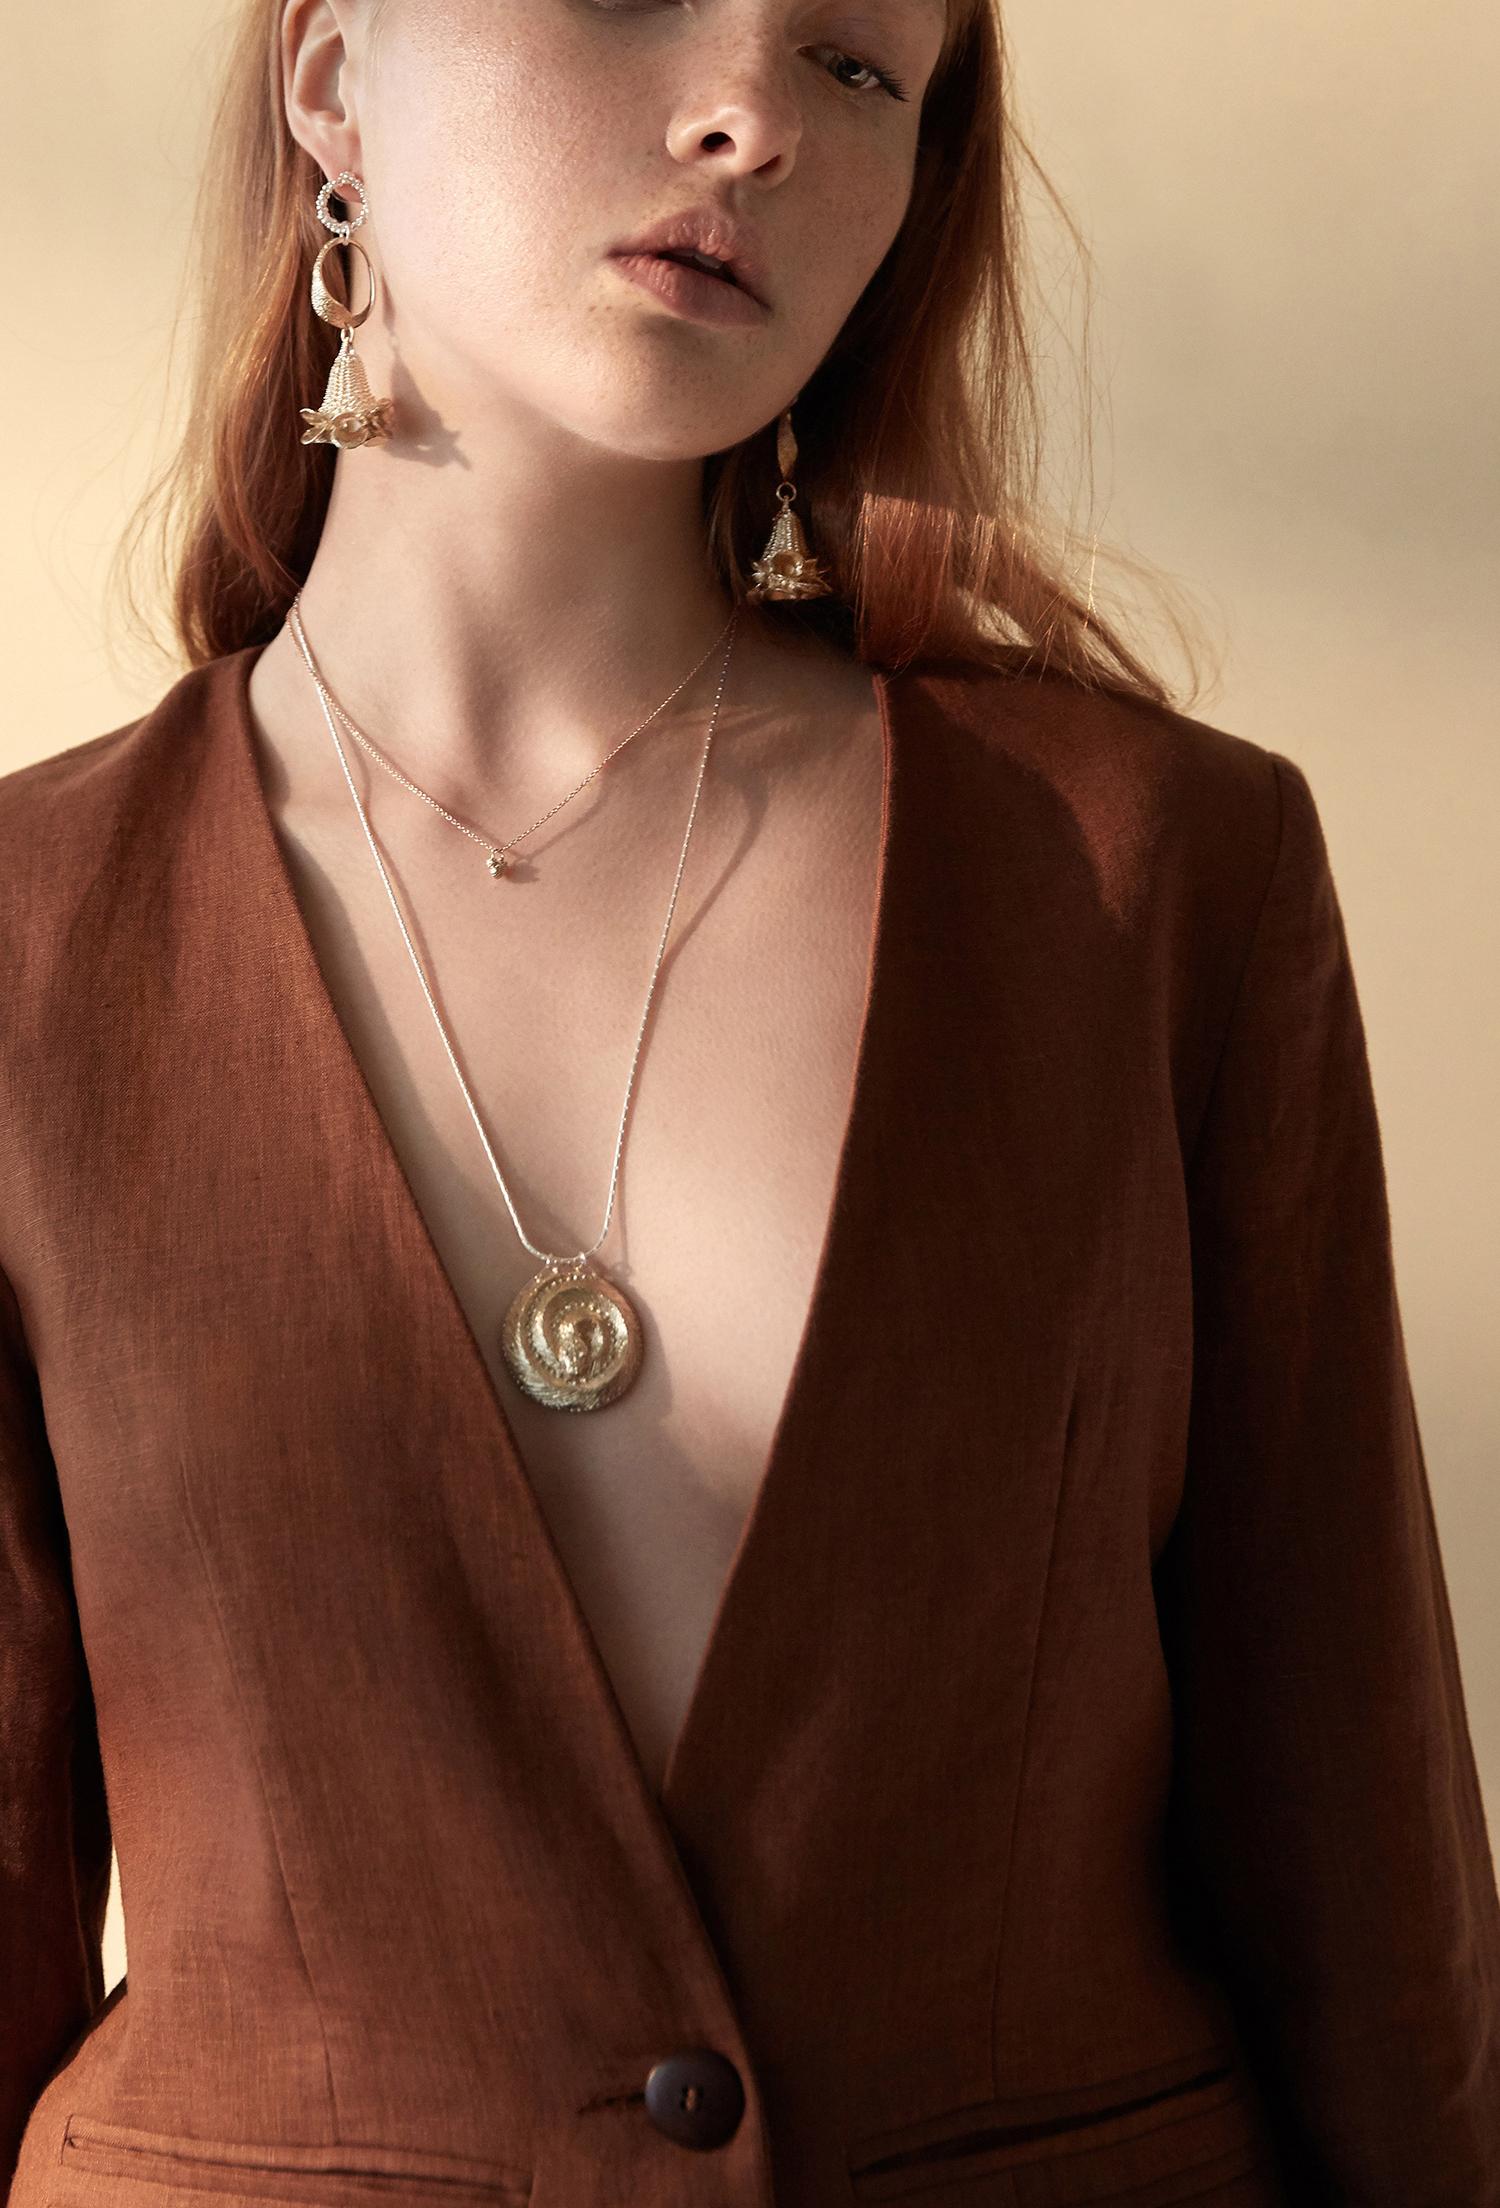 Portrait_Australis_Abby_Seymour_Jewellery_Serpent_Necklace_Banksia-Earrings_2018.jpg